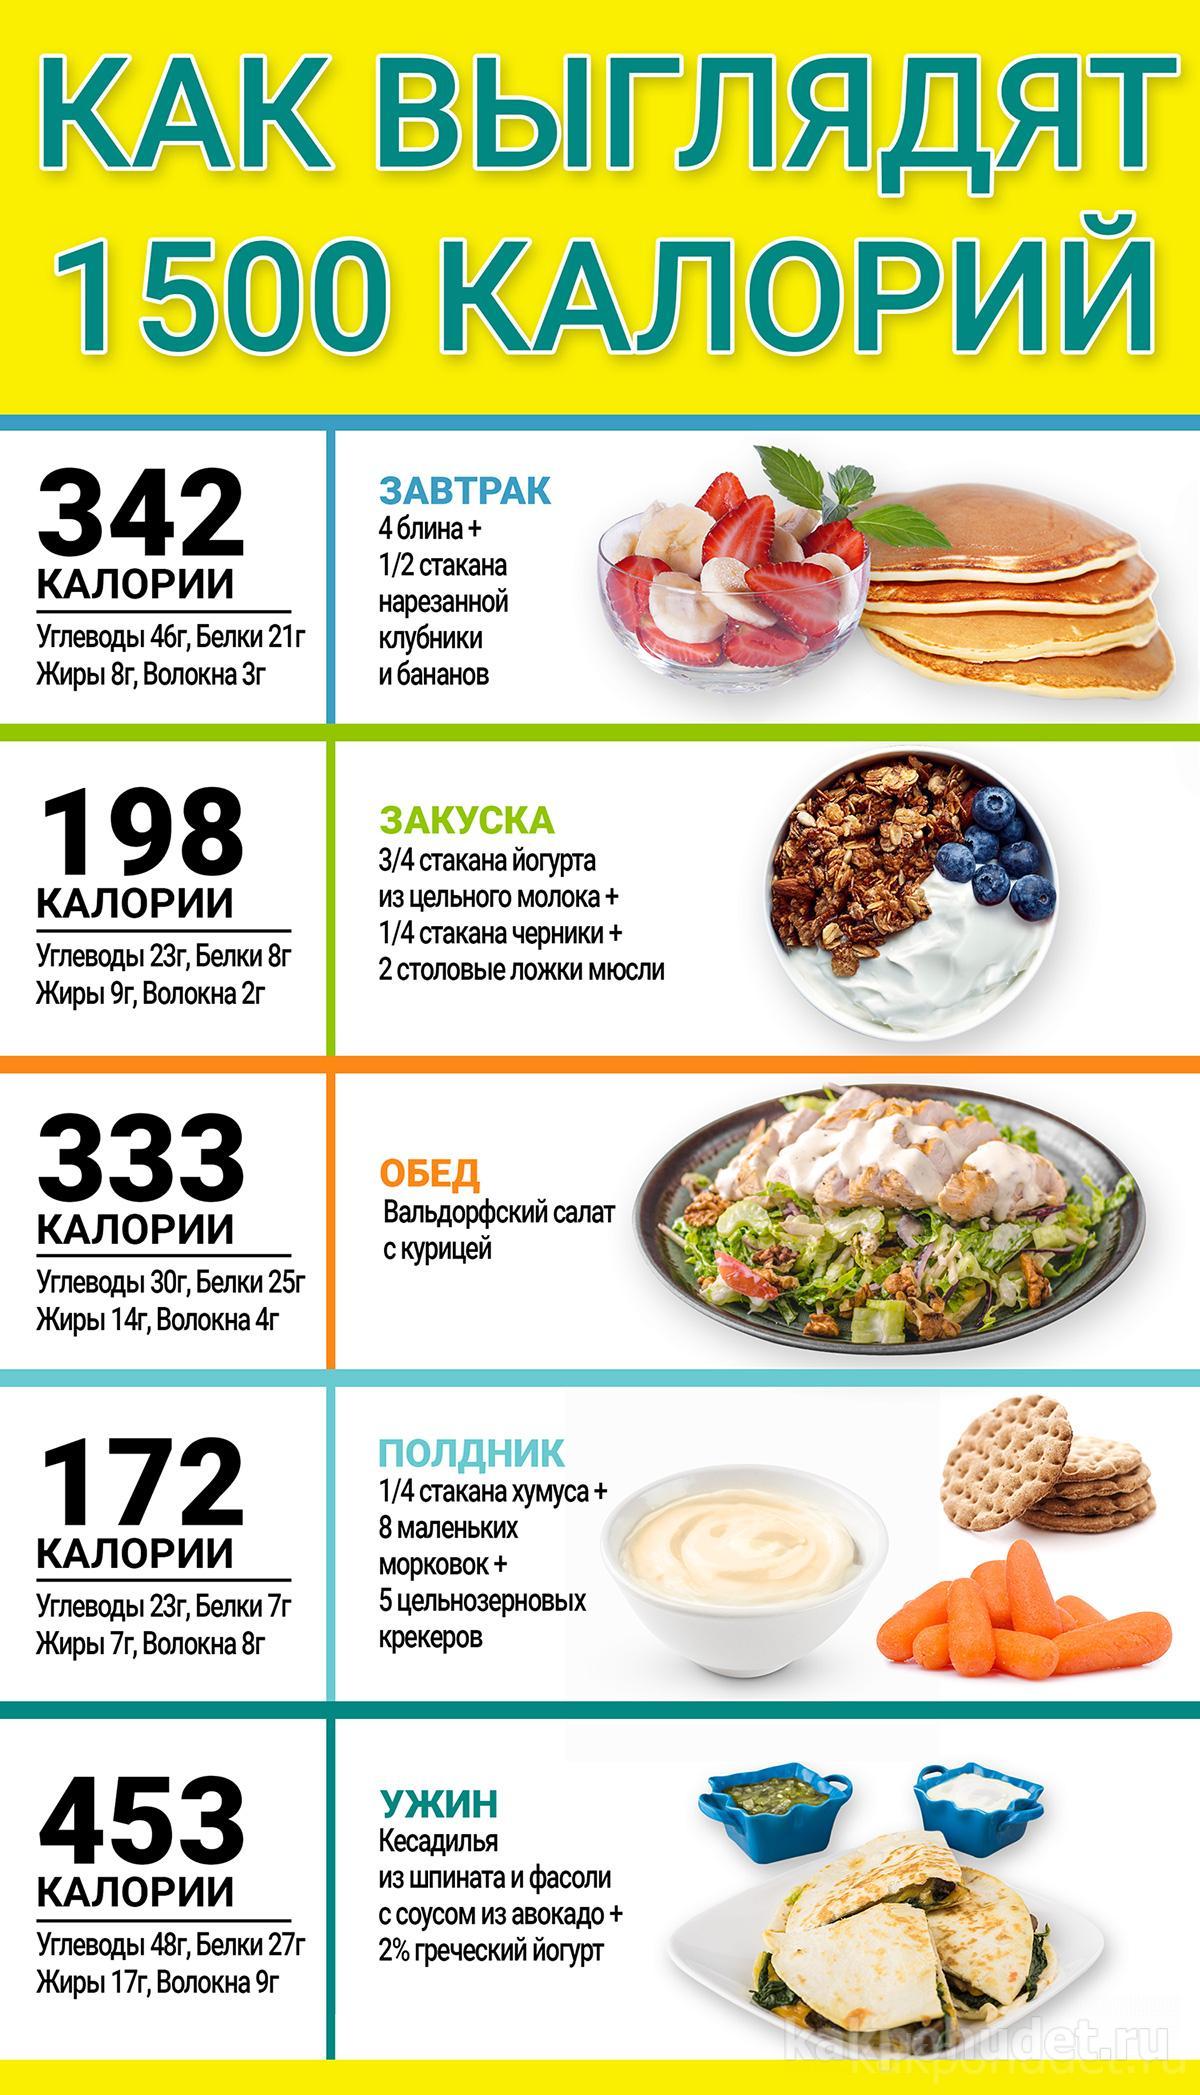 Как выглядят 1500 калорий